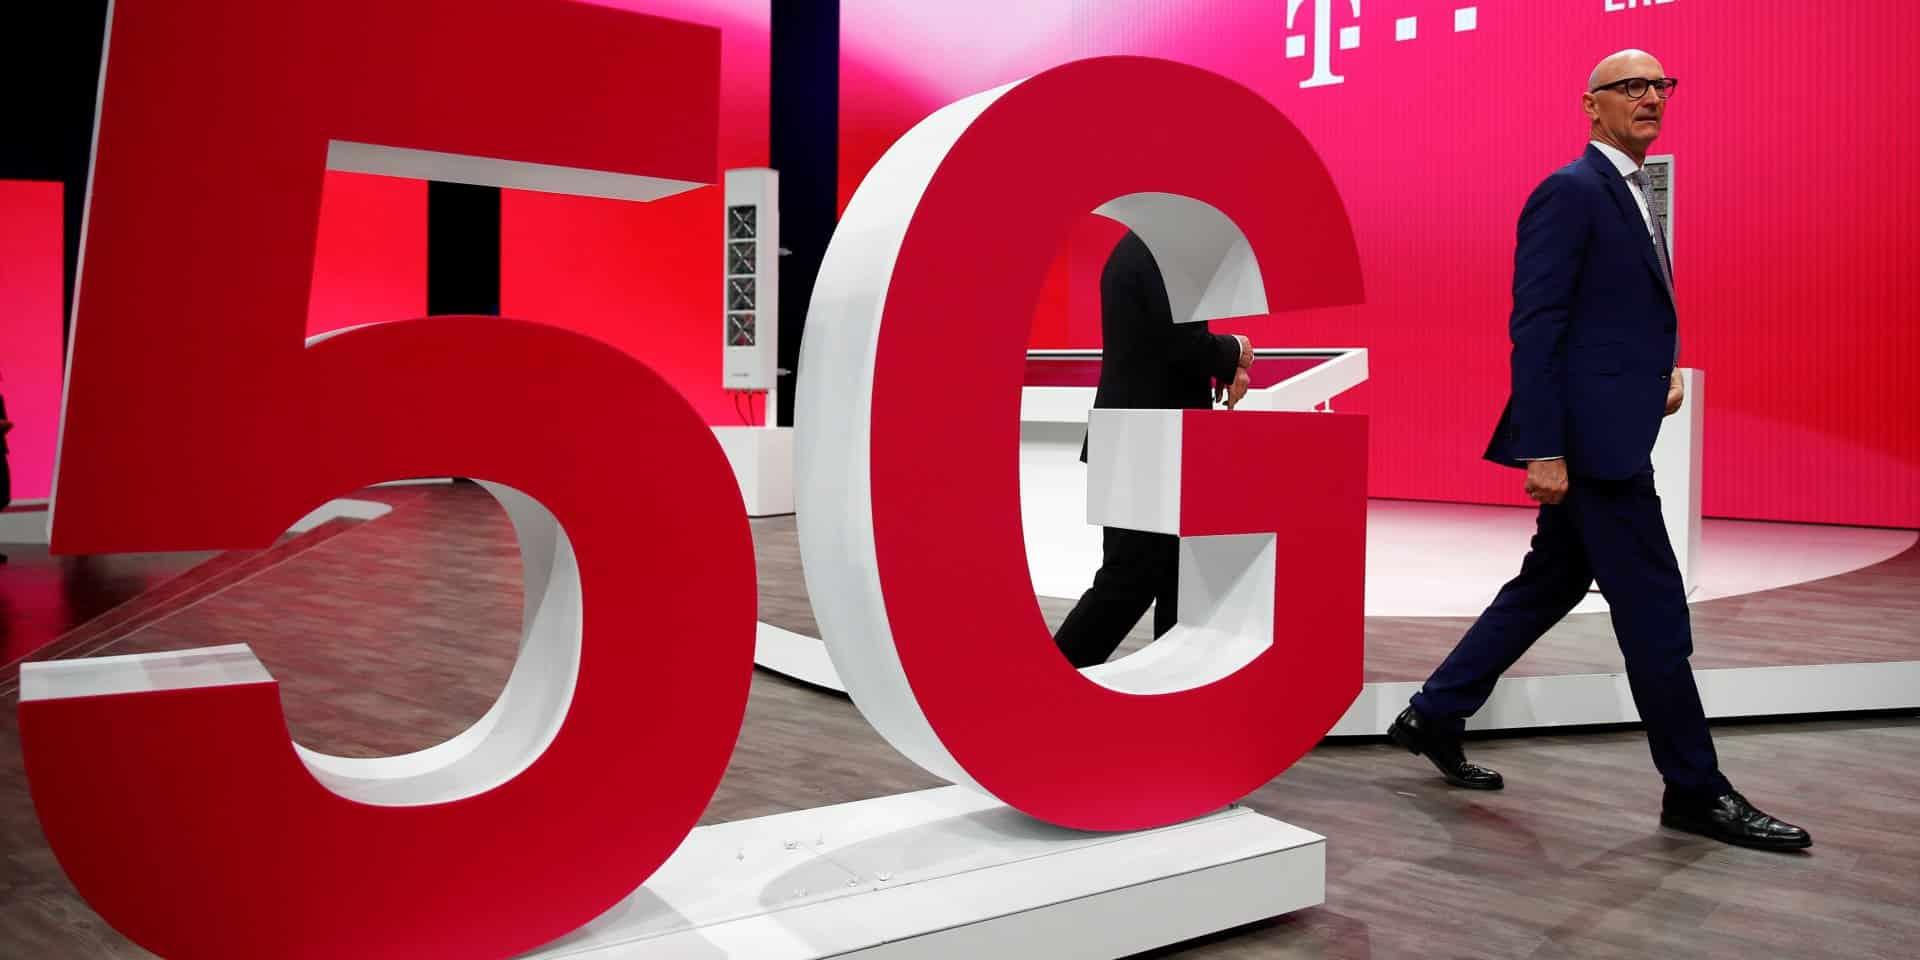 Покрытие 5G в Монако: связь нового поколения доступна для каждого жителя Монако